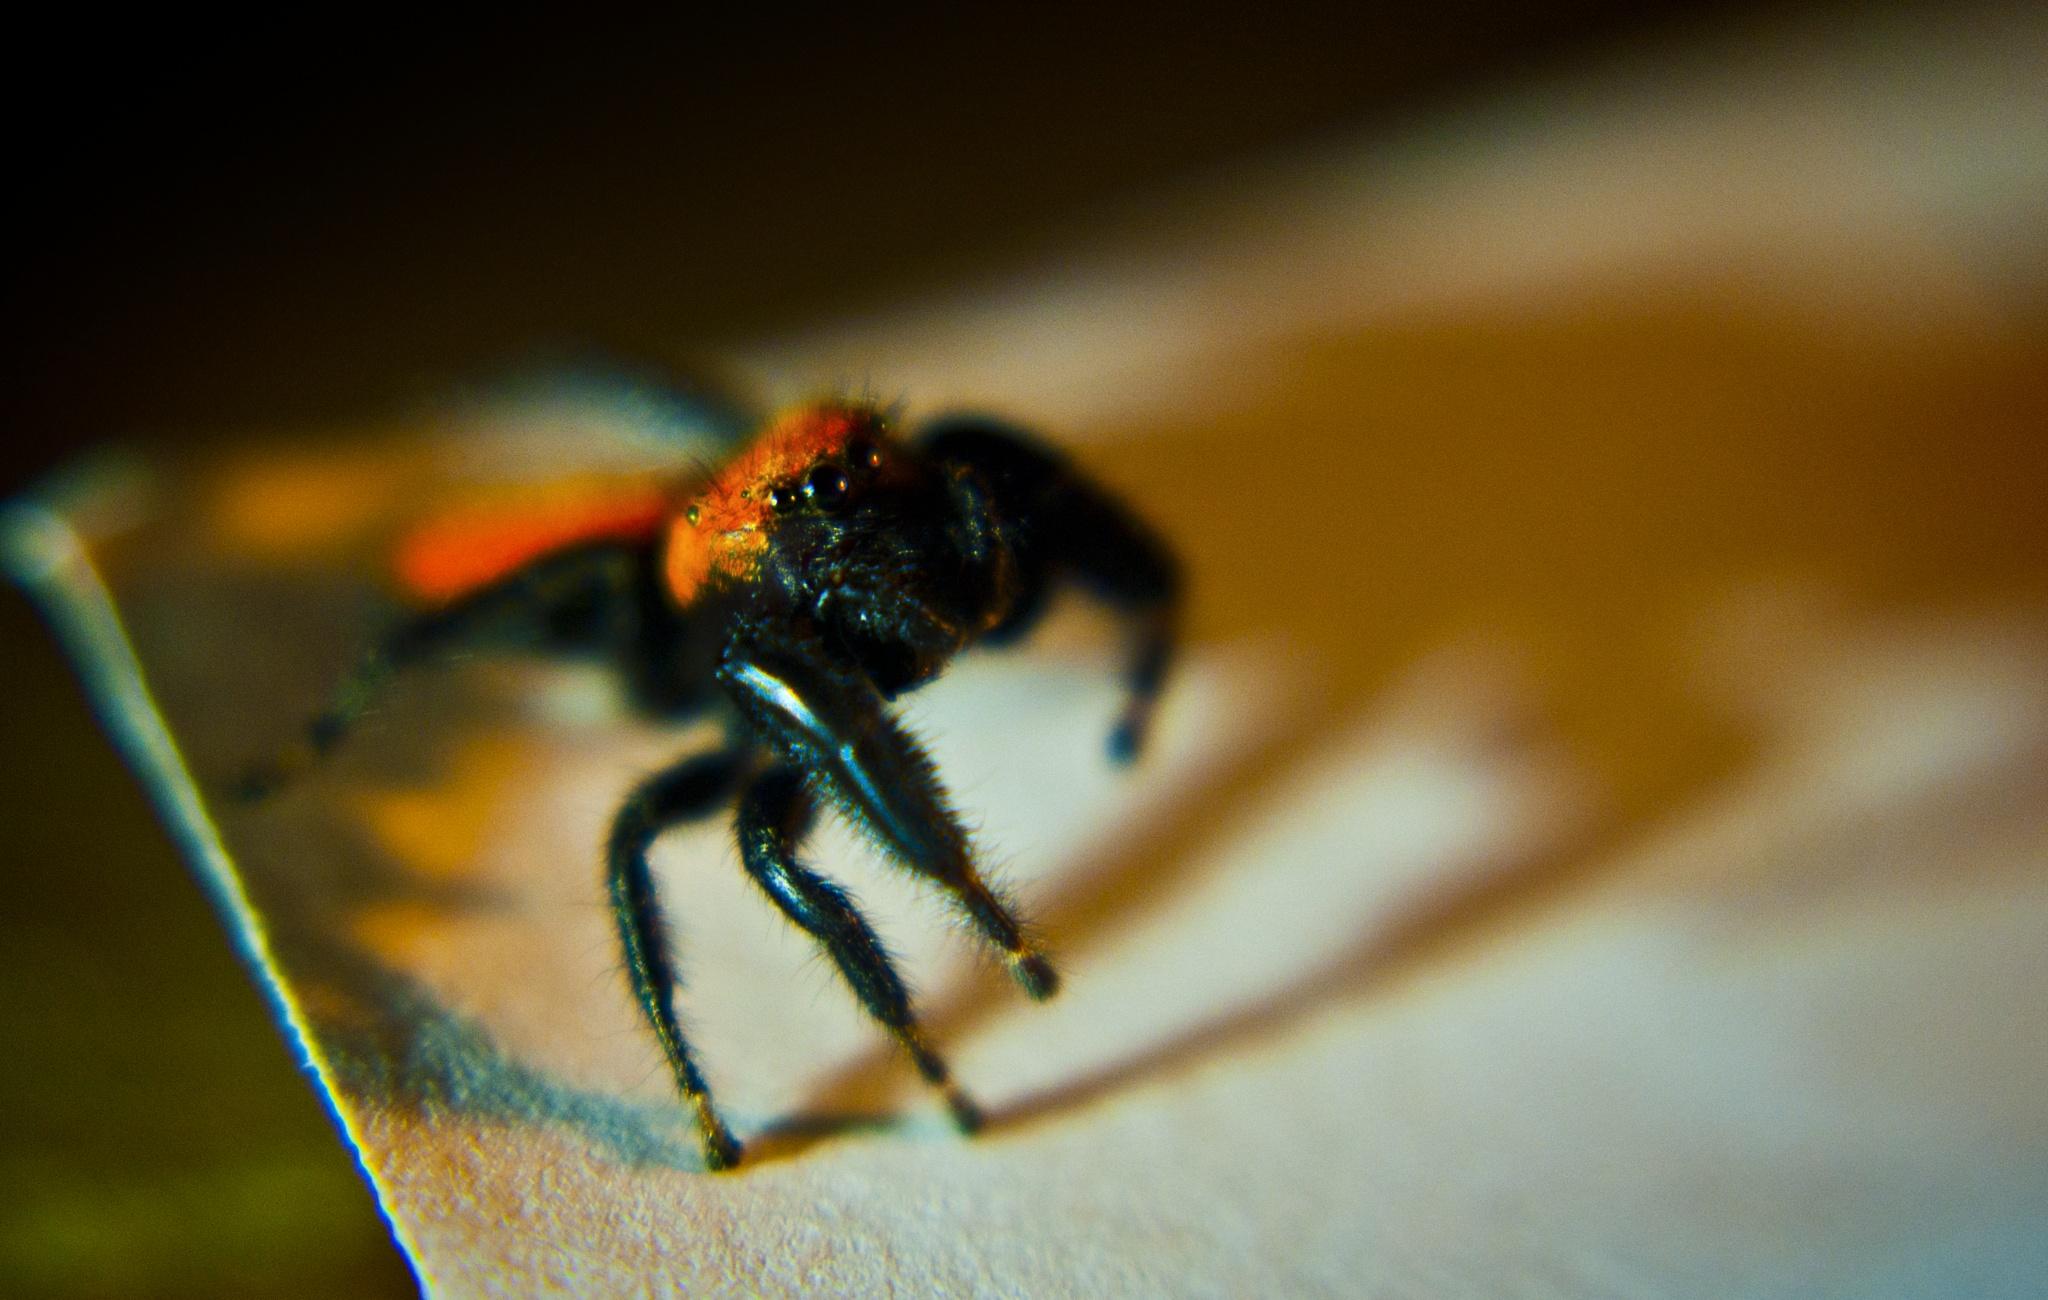 Orange Spider by Austin Devine